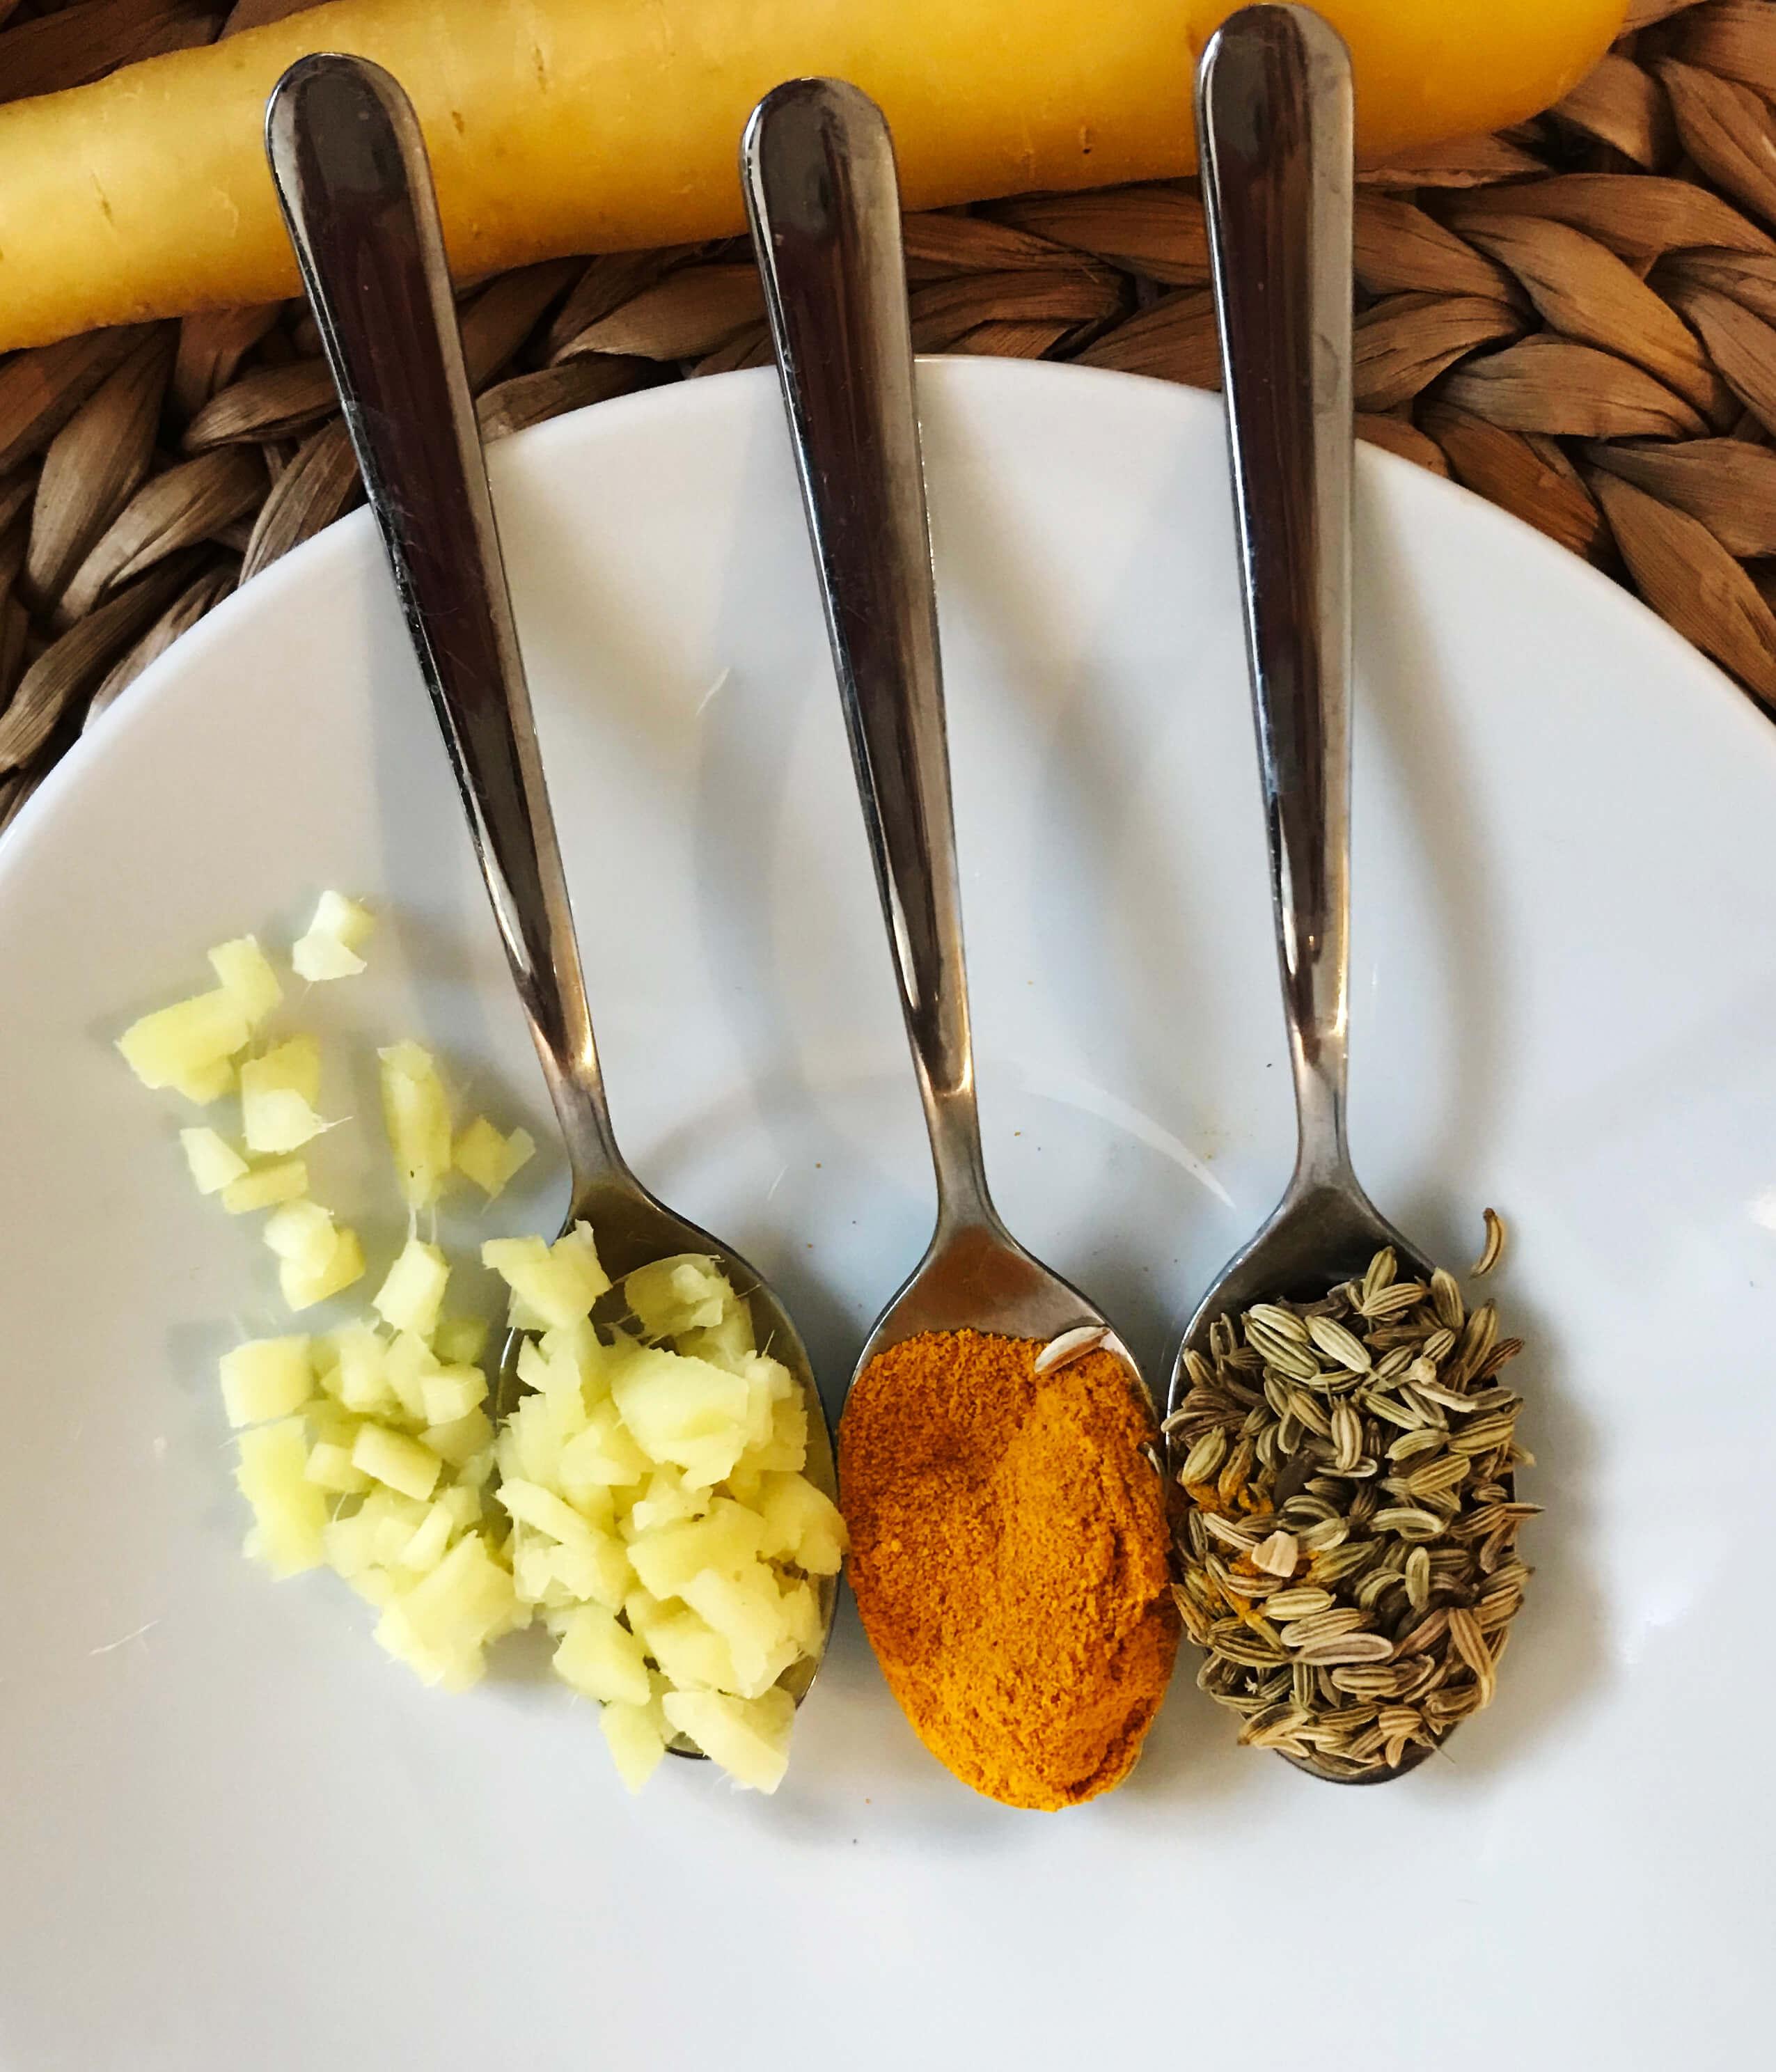 Mit Ayurveda Detox zur Hormon-Balance: Grünes Kitchari mit Kokos, Limette und Koriander